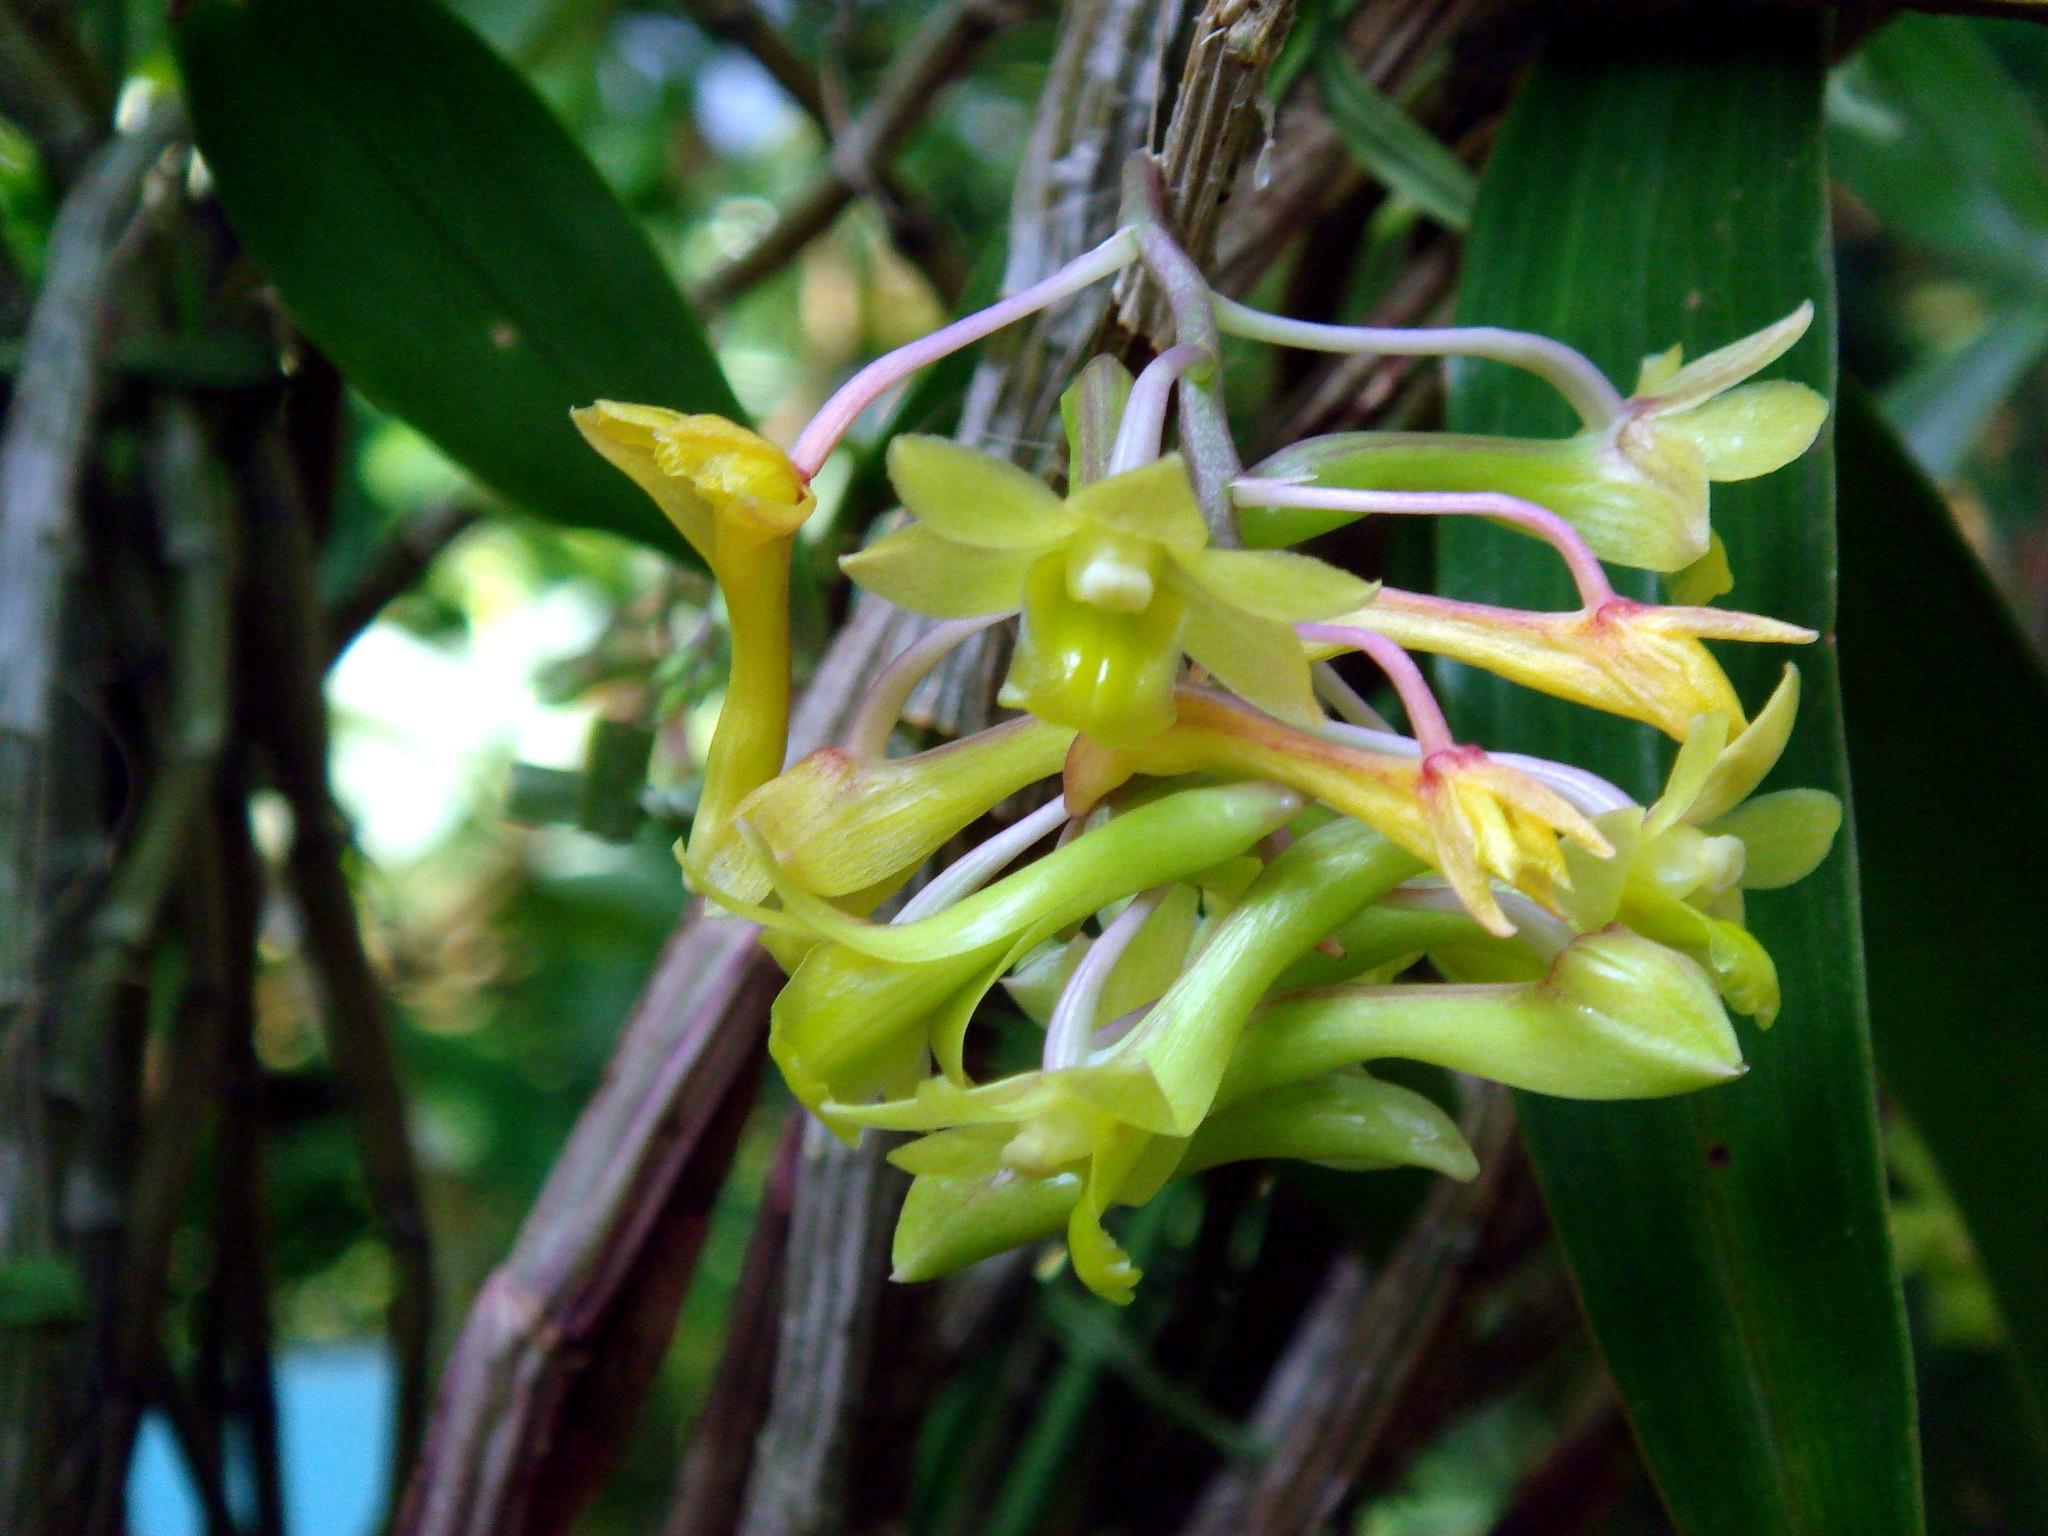 http://orchids.la.coocan.jp/Dendrobium/Dendrobium%20epidendropsis/DSC09160.JPG